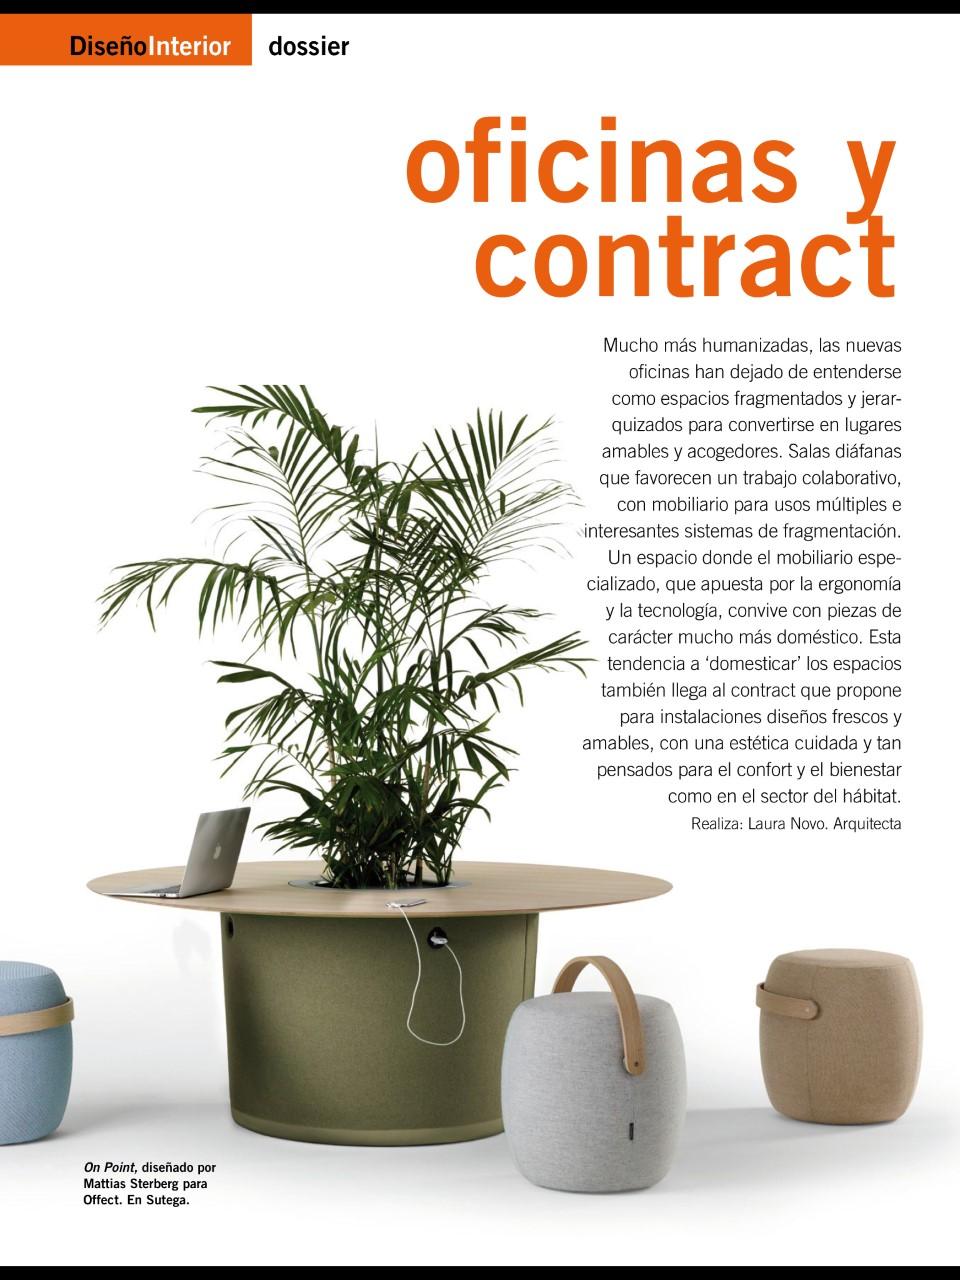 Oficinas y Contract